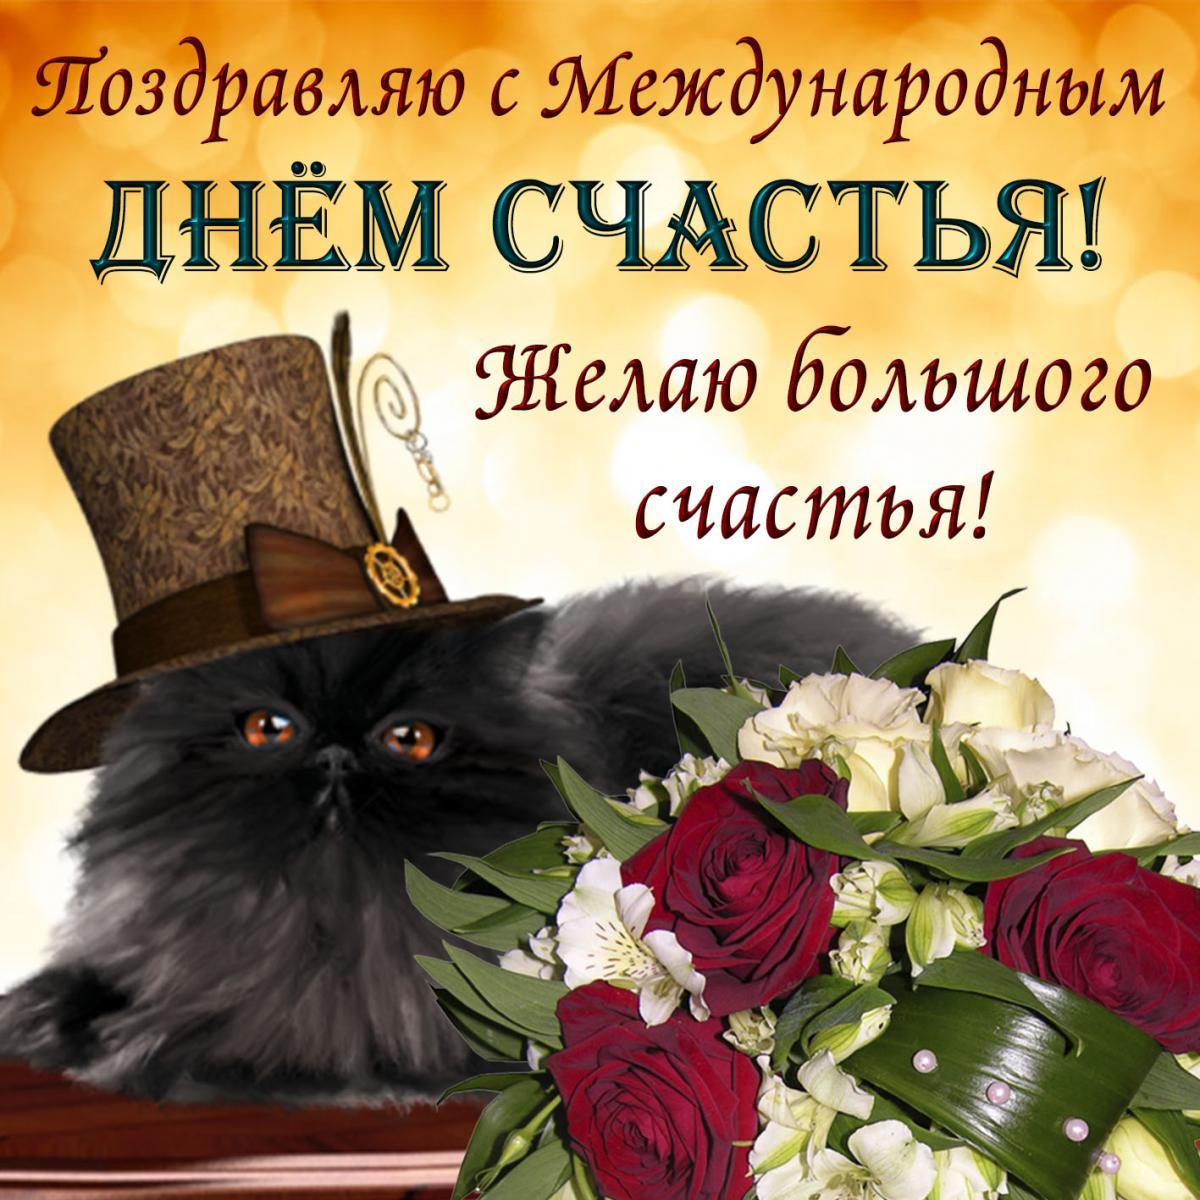 Коты, сегодня день открытки